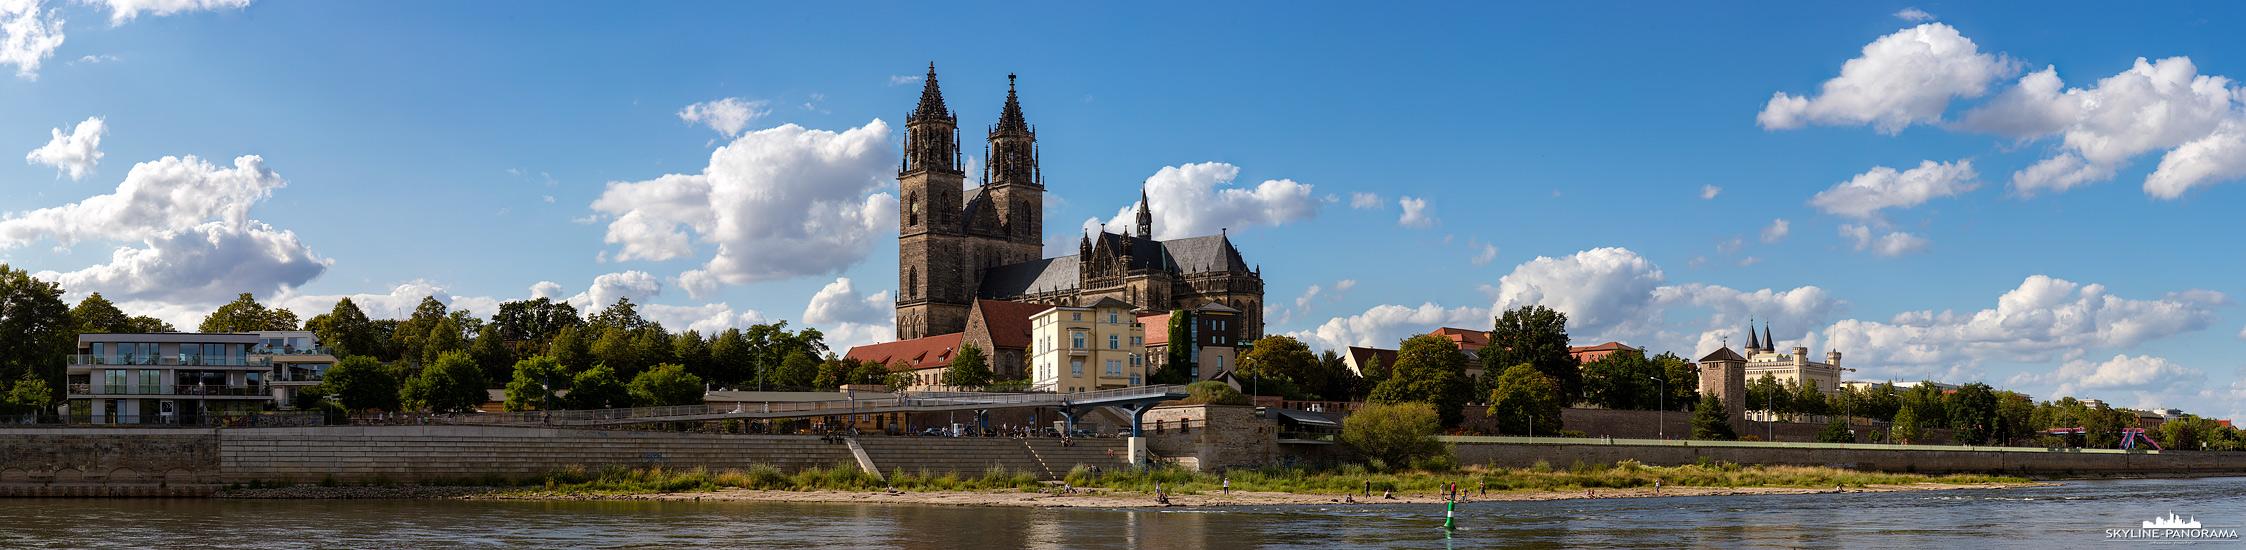 Stadtansichten von Magdeburg - Der Magdeburger Dom, als weithin sichtbares Wahrzeichen der Stadt, ist hier in einer Panoramaansicht vom Elbufer aus zu sehen.